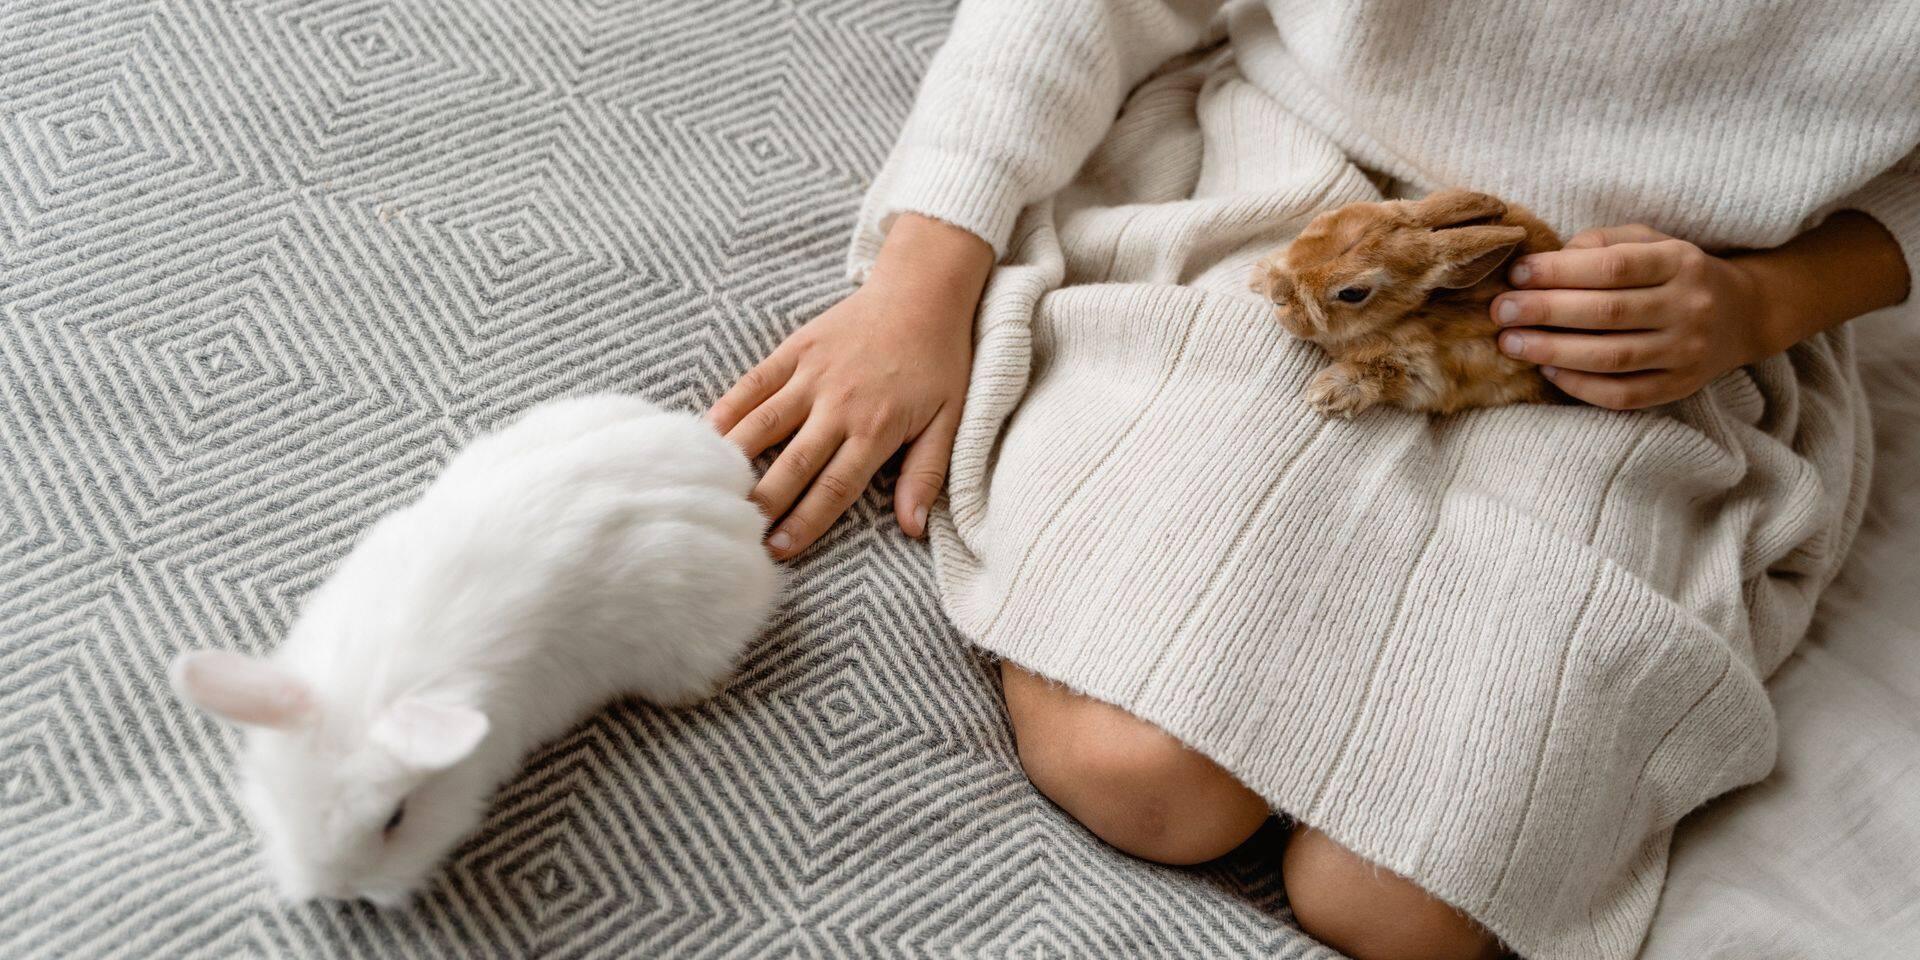 Rush sur les lapins : attention, ce n'est pas forcément le compagnon idéal !